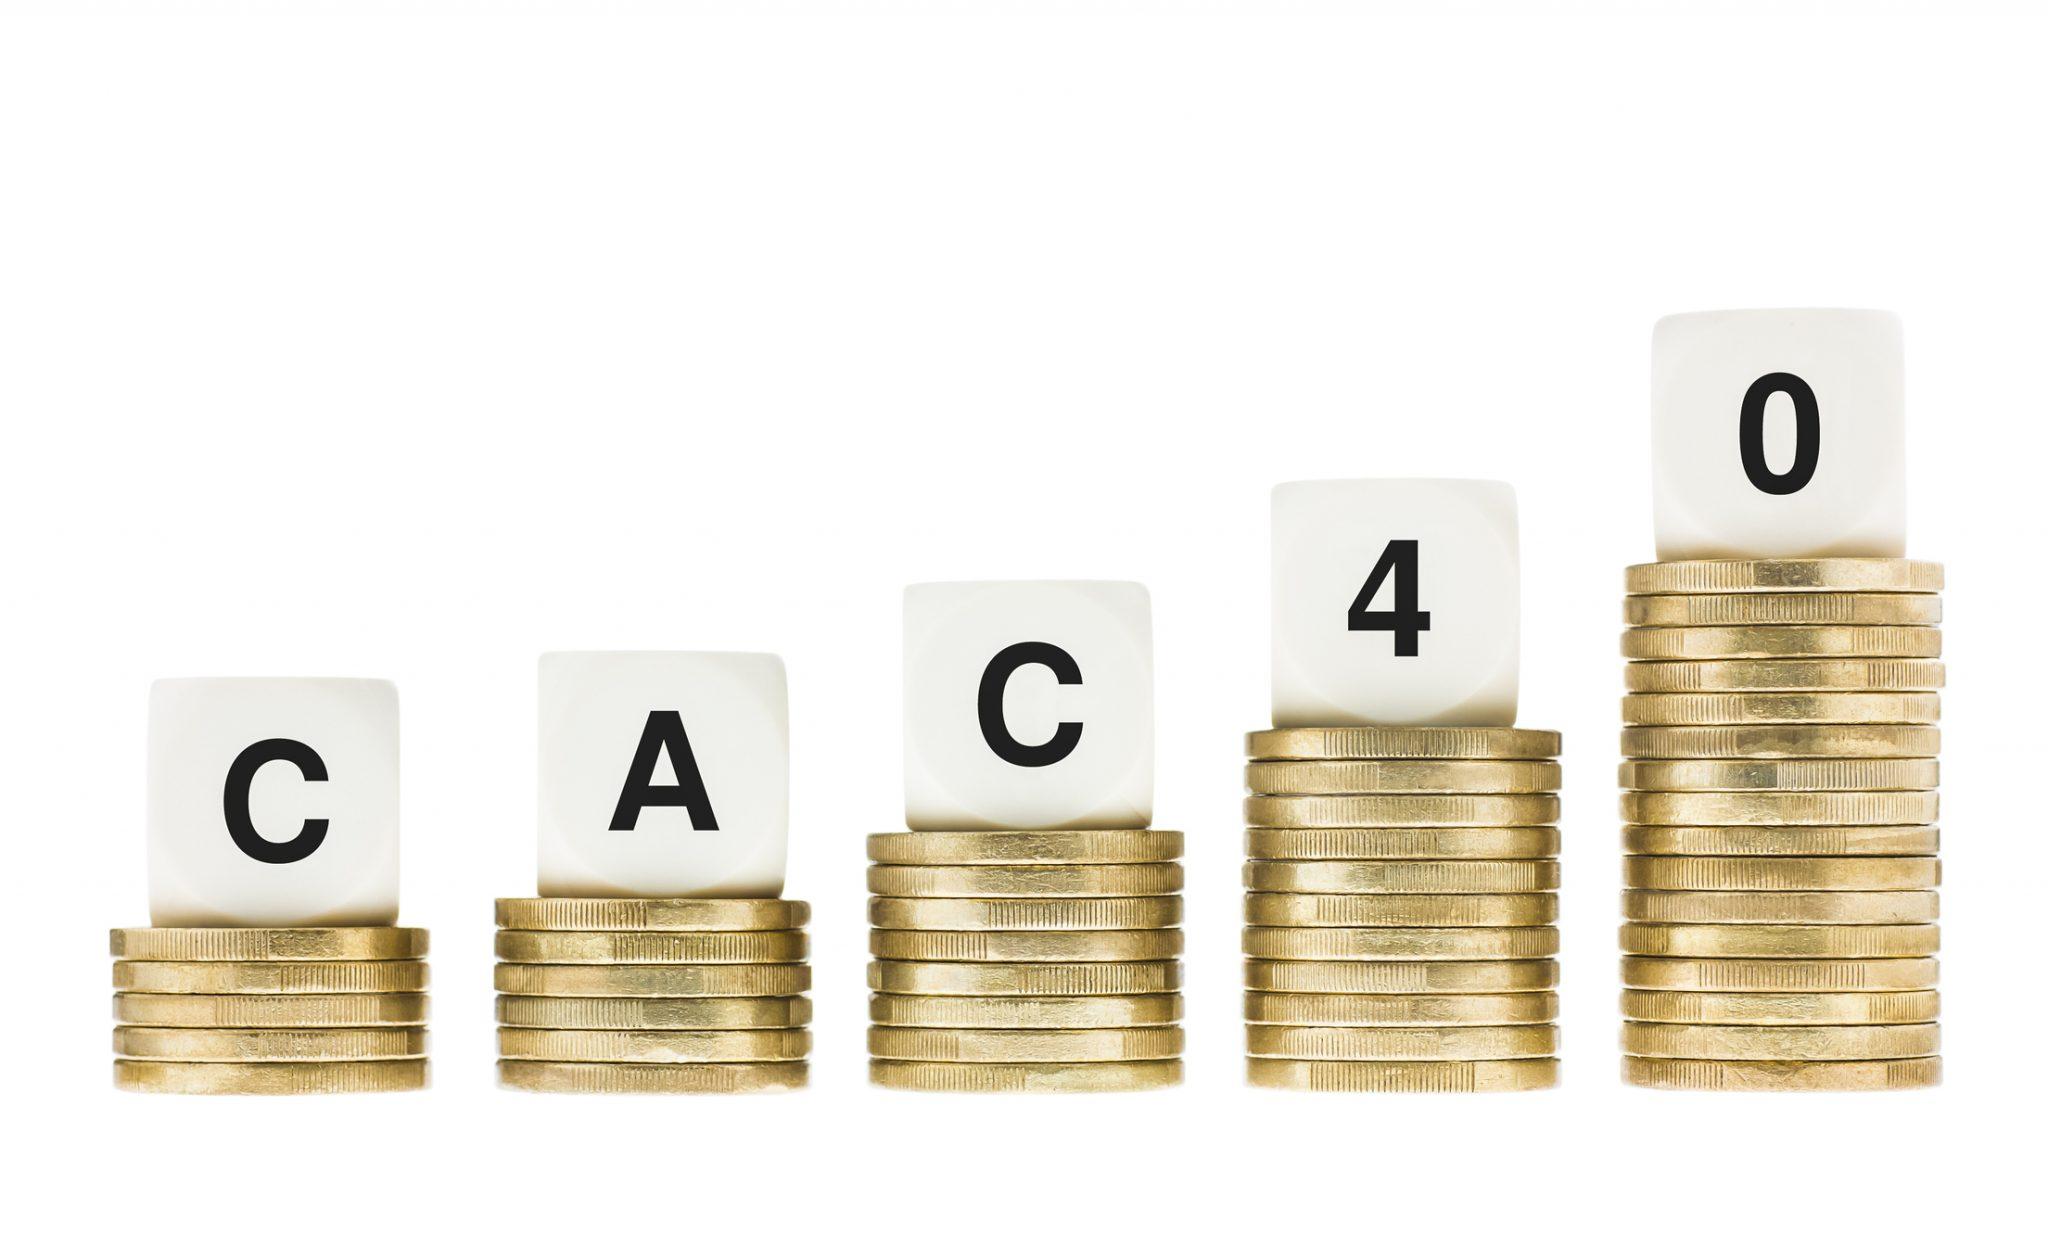 CAC 40 Paris Bourse semestriels trimestre